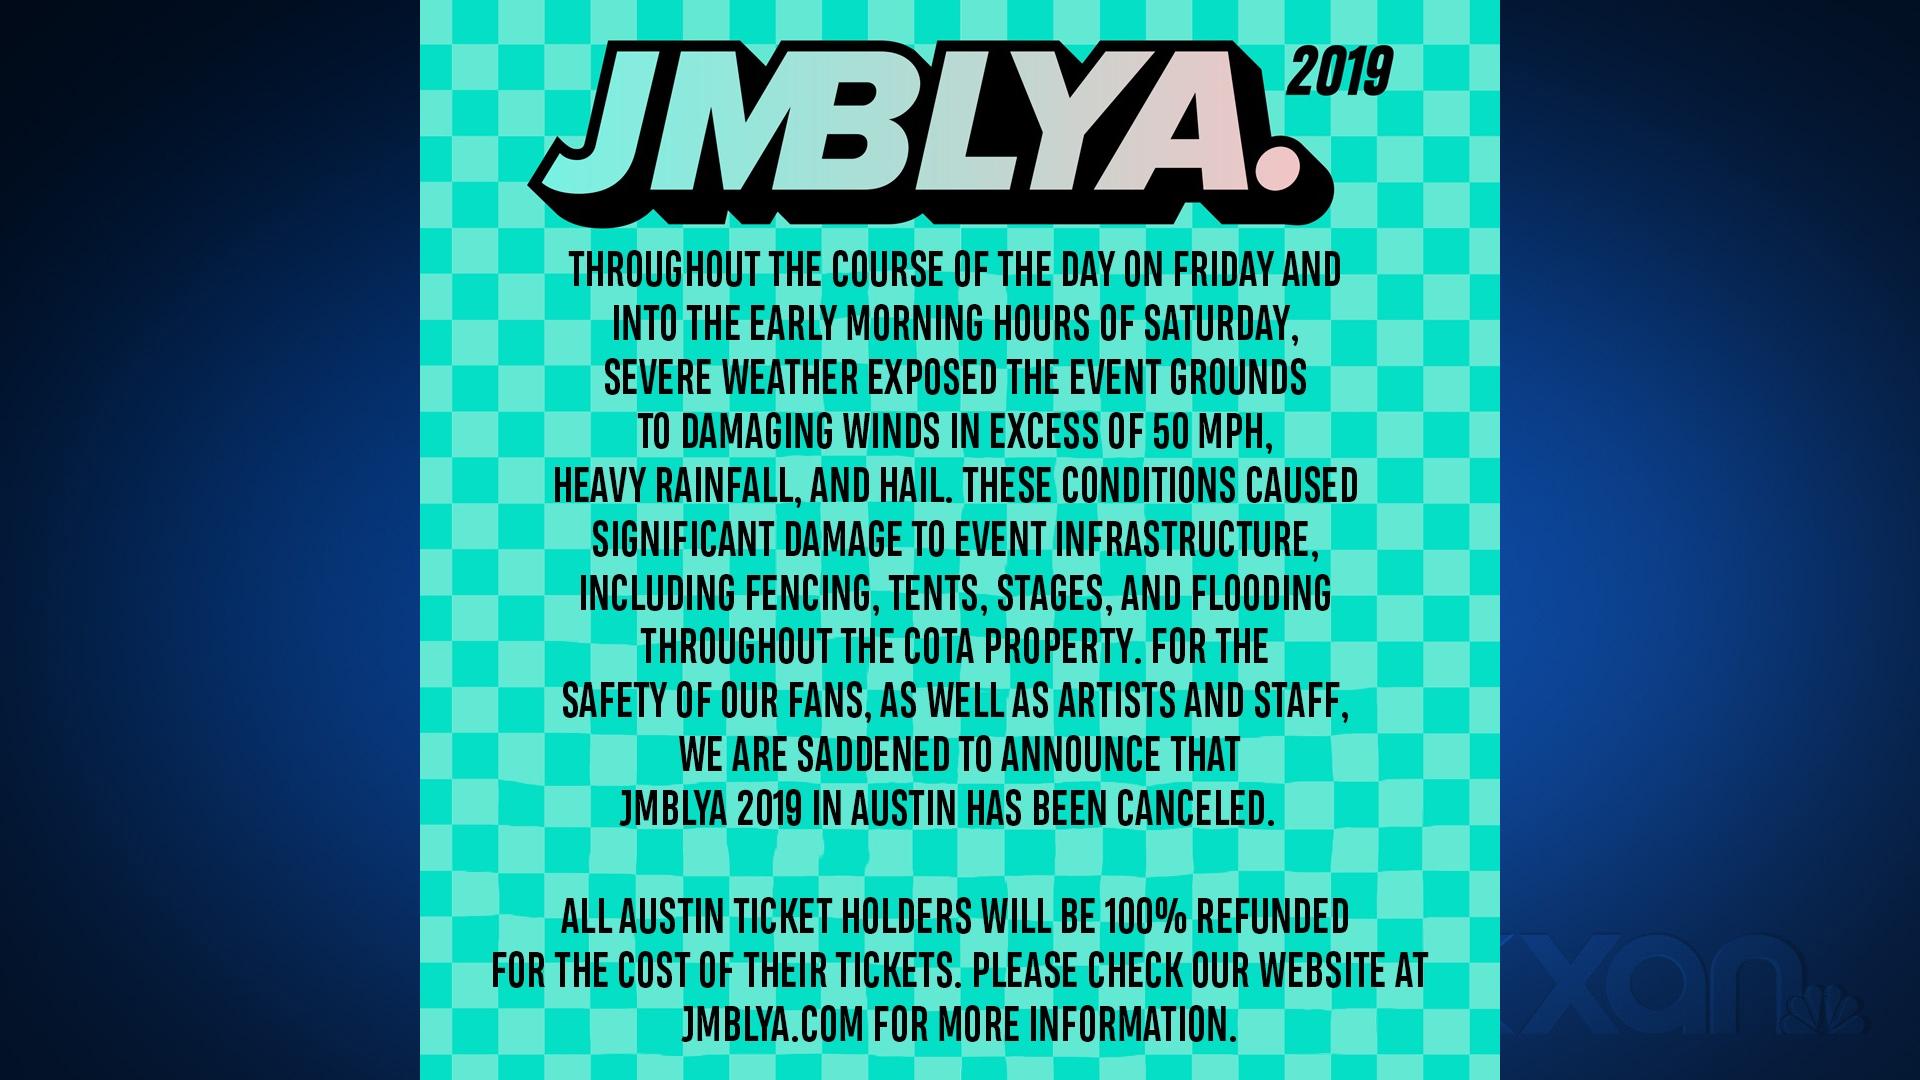 JMBLYA-2019_1556993138226.jpg